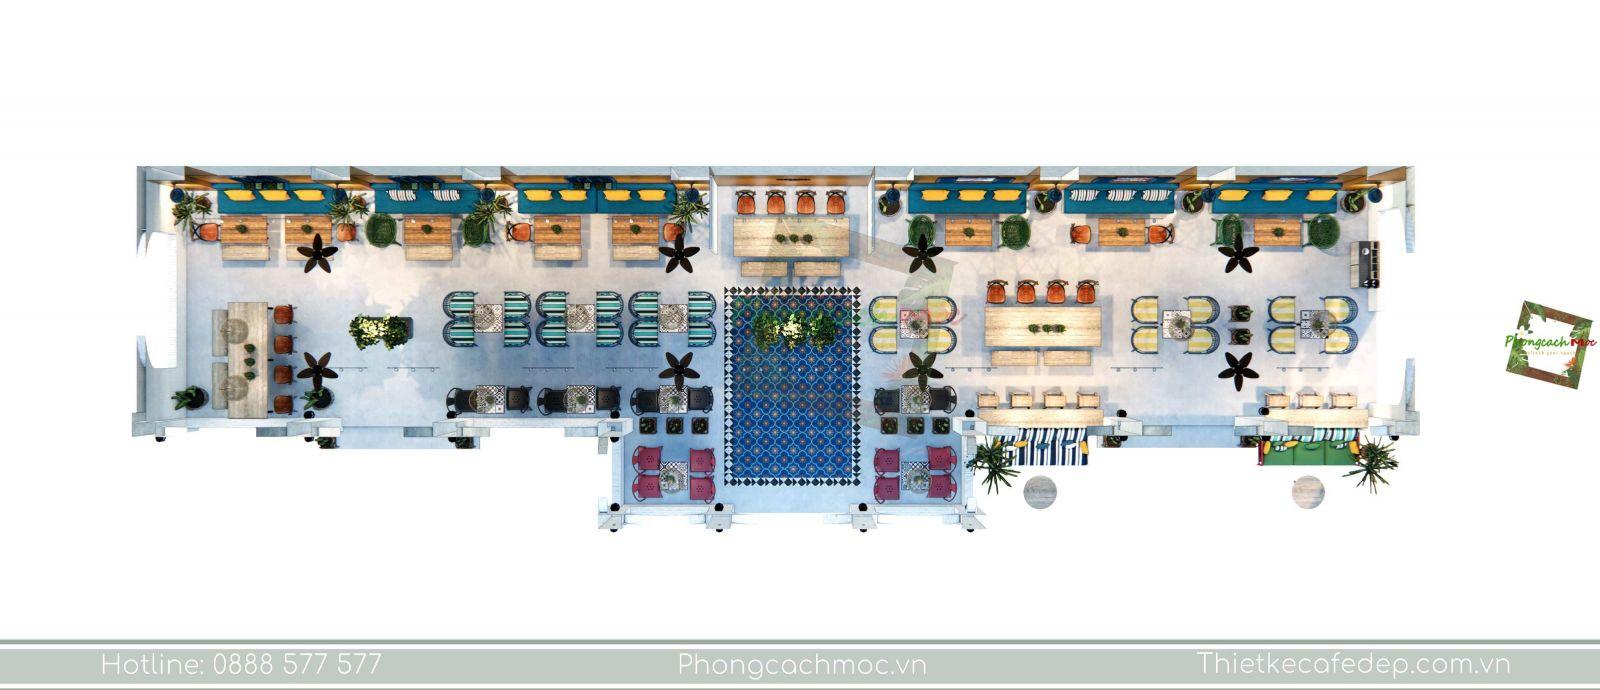 thiết kế quán cafe địa trung hải layout - 2